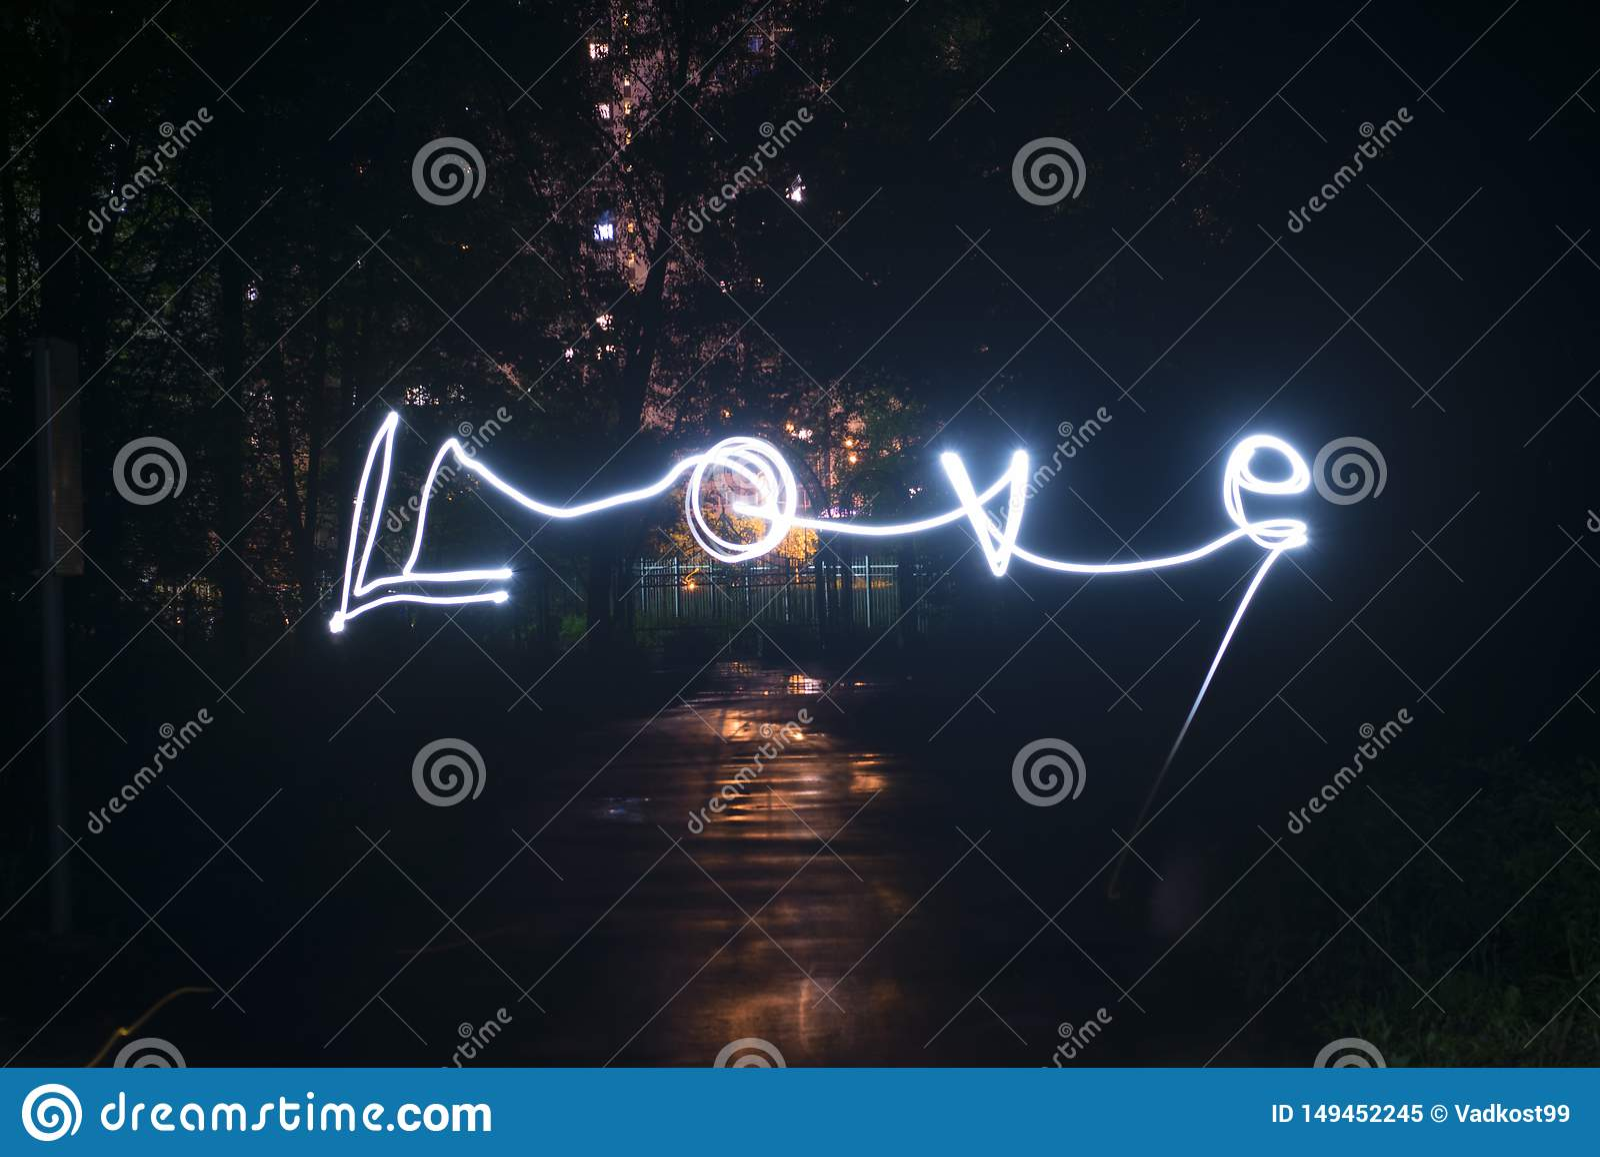 Amour dans le freezelight